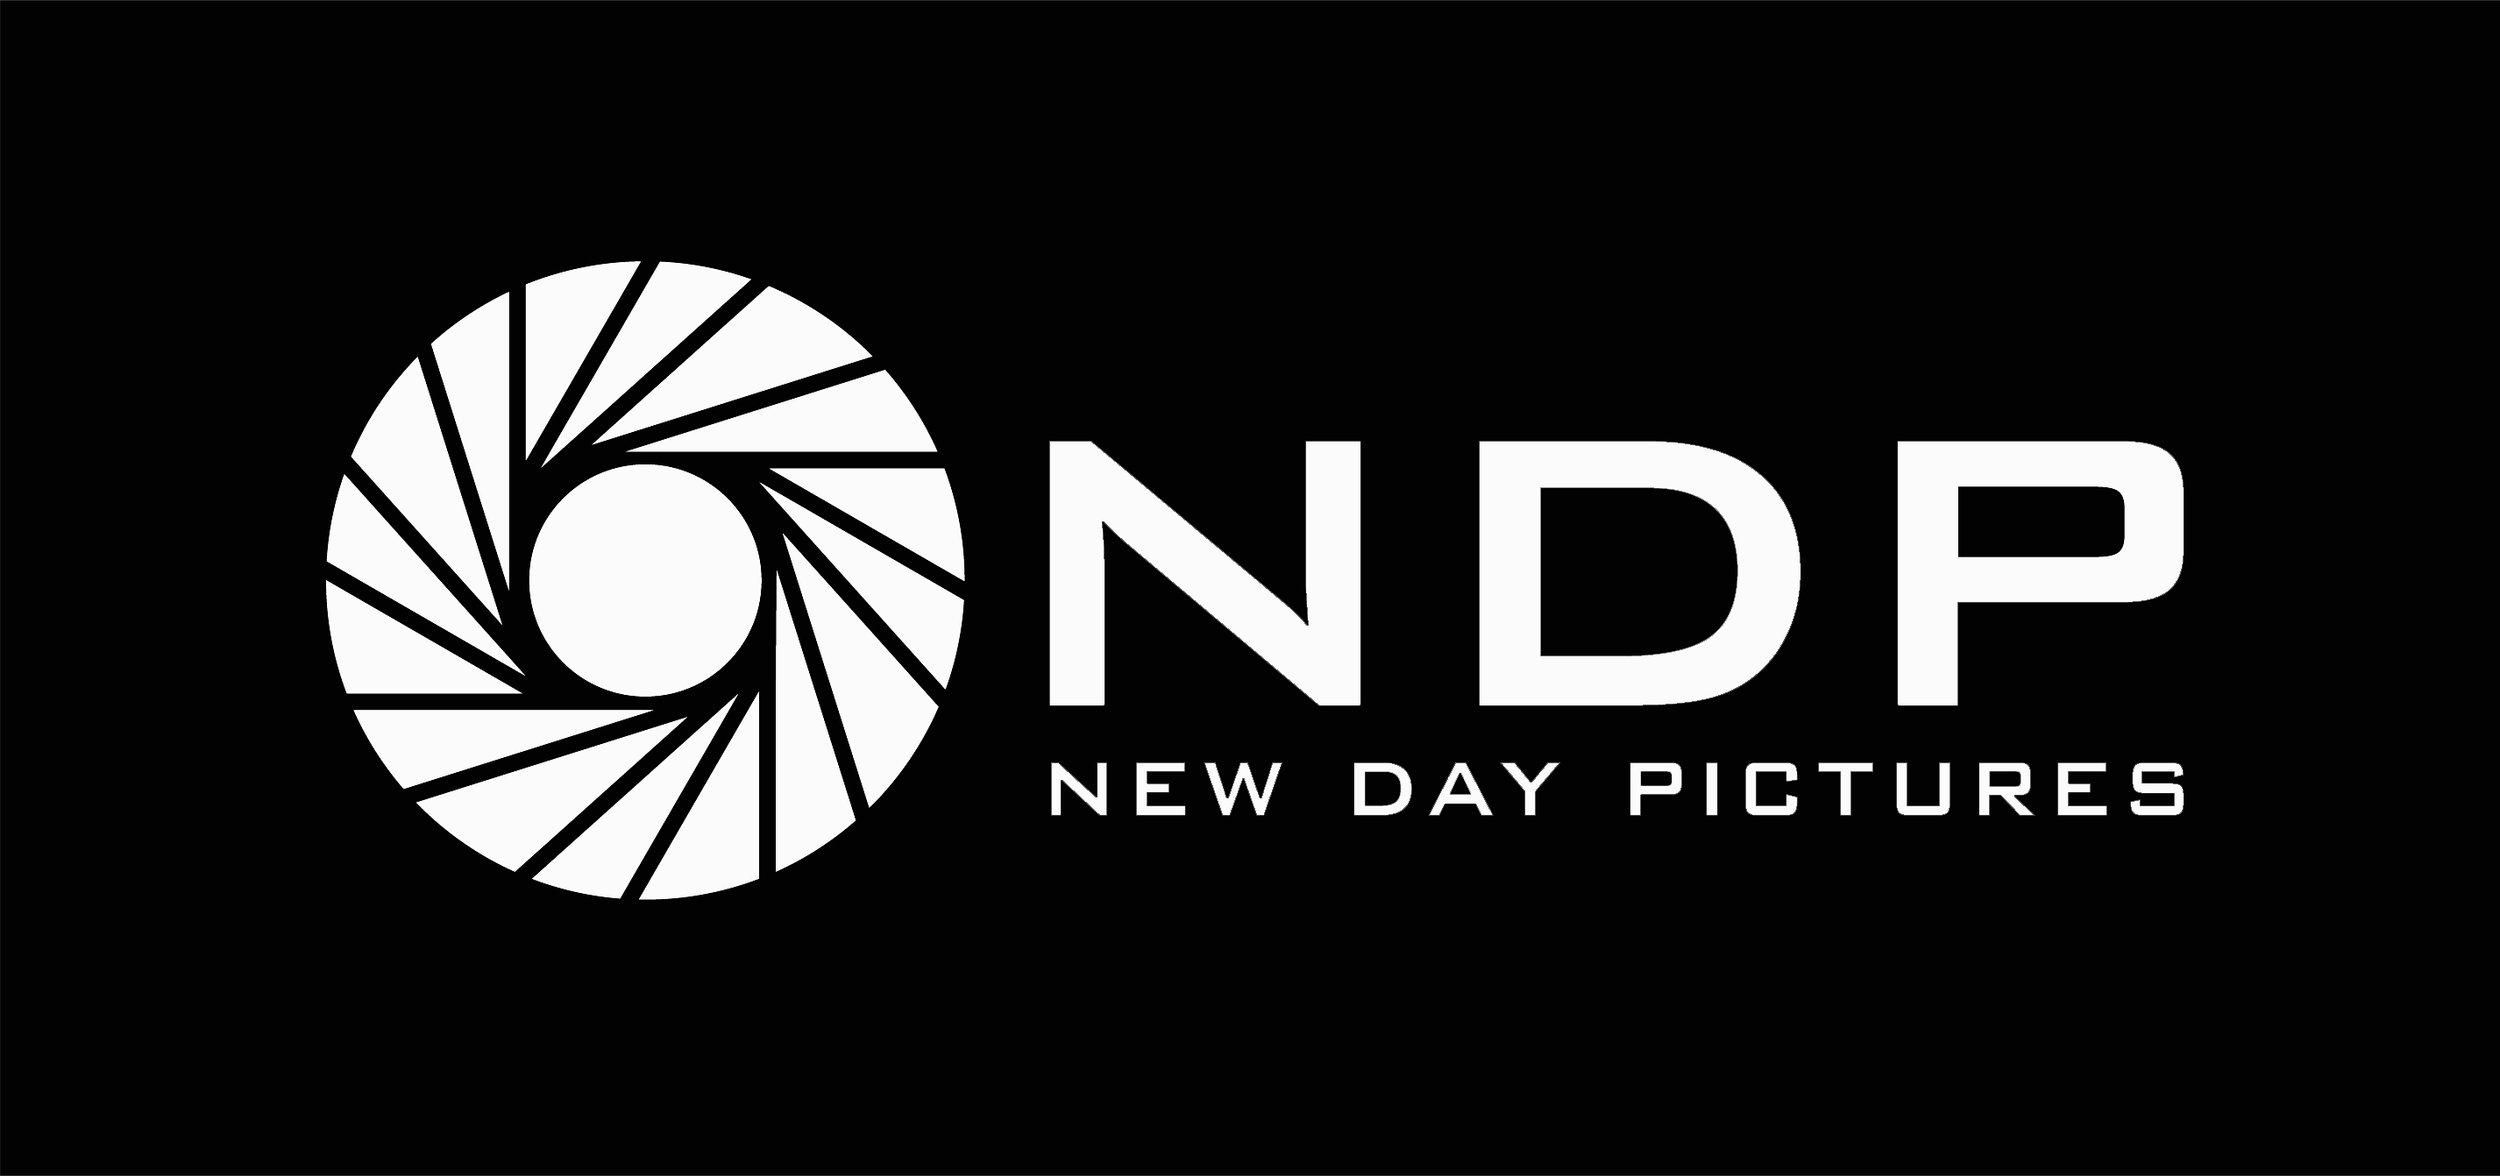 NewDayPictures_Logo copy.jpg